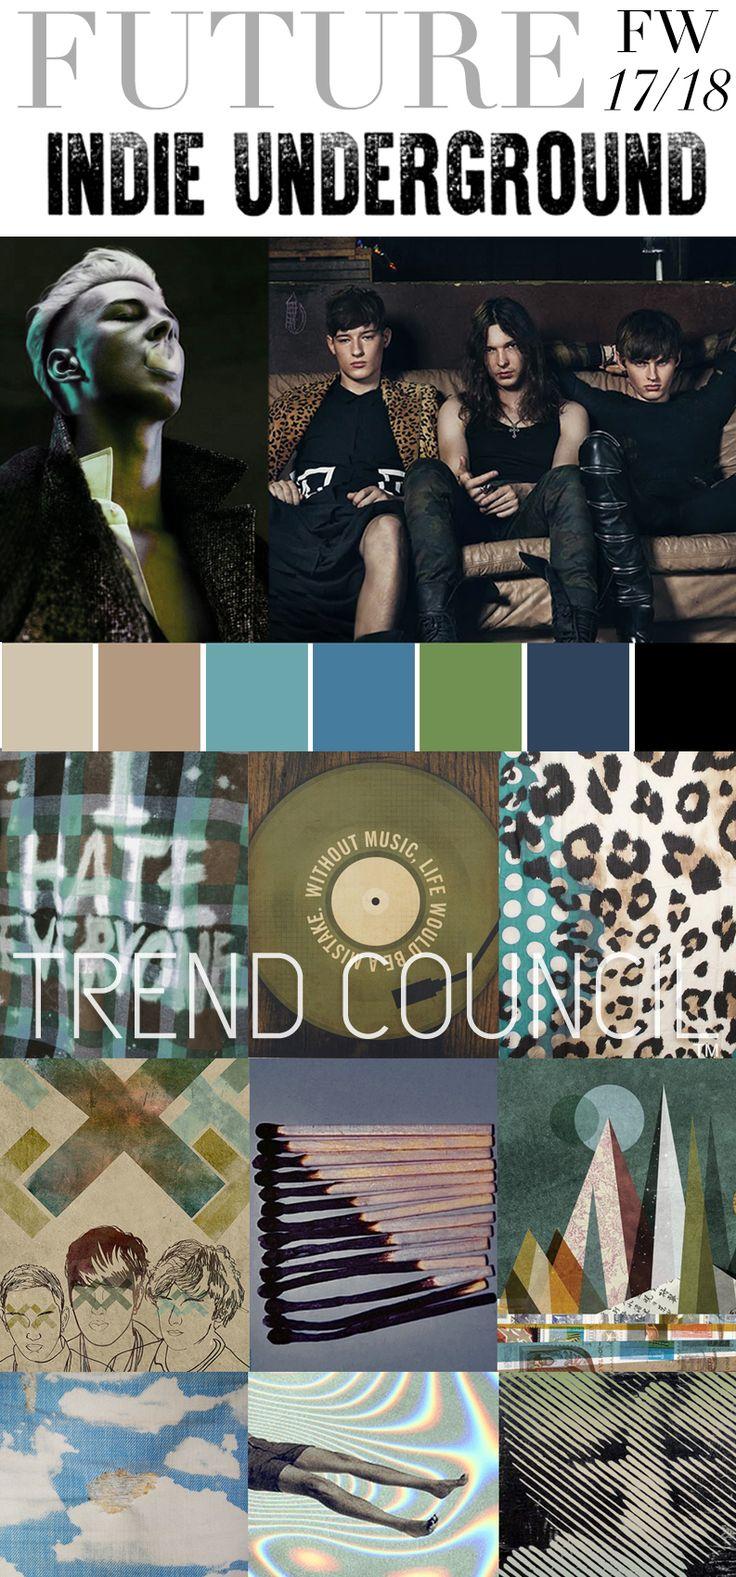 @TREND COUNCIL Future FW 17/18 Indie Underground